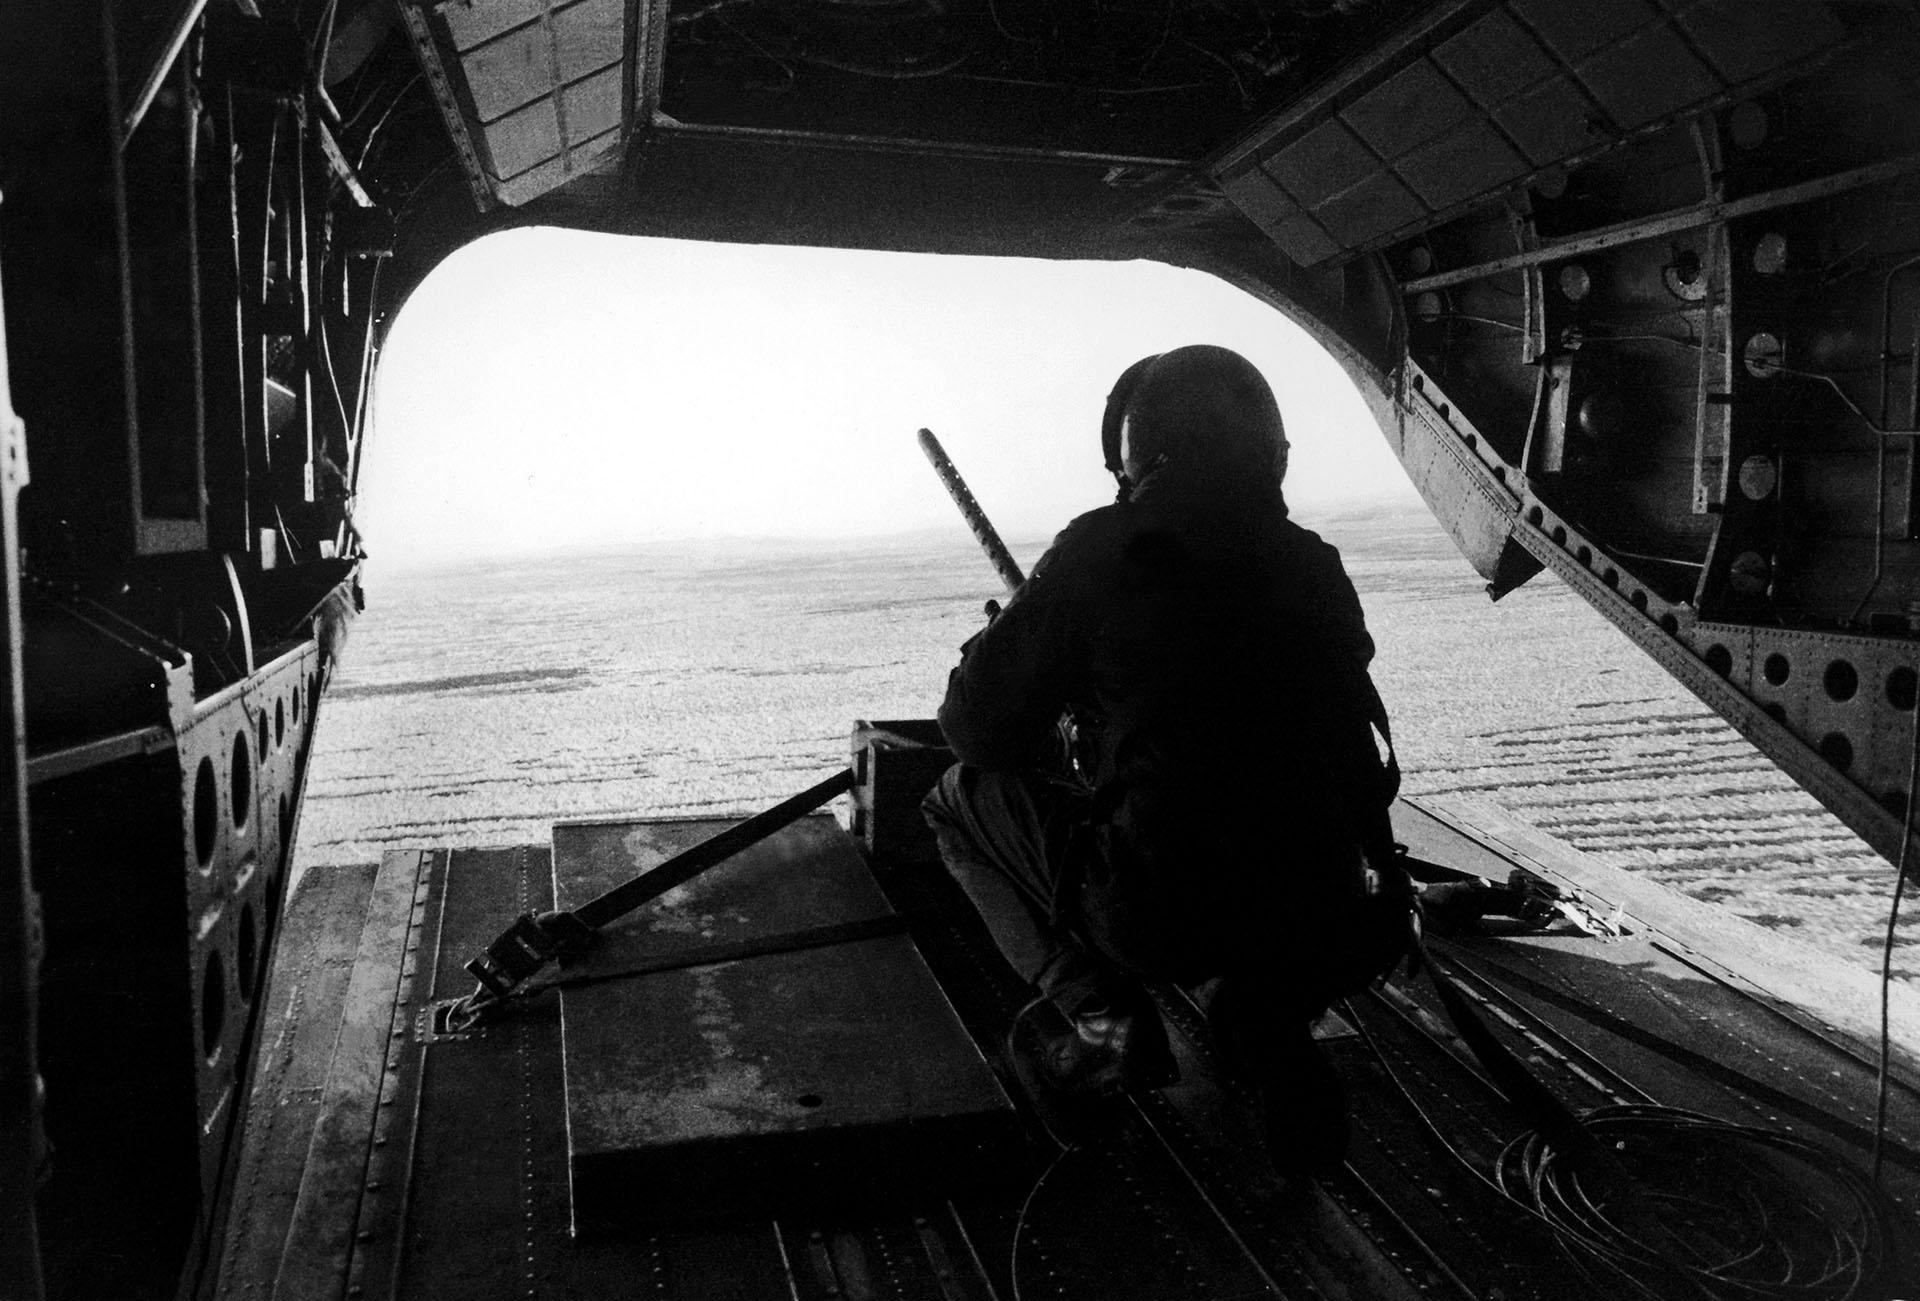 Desde la parte trasera de un helicóptero Chinook, vigila las posiciones argentinas durante un vuelo entre el estrecho San Carlos y Pradera del Ganso. El arma permanece fija en sus anclajes (Foto: Eduardo Farré).